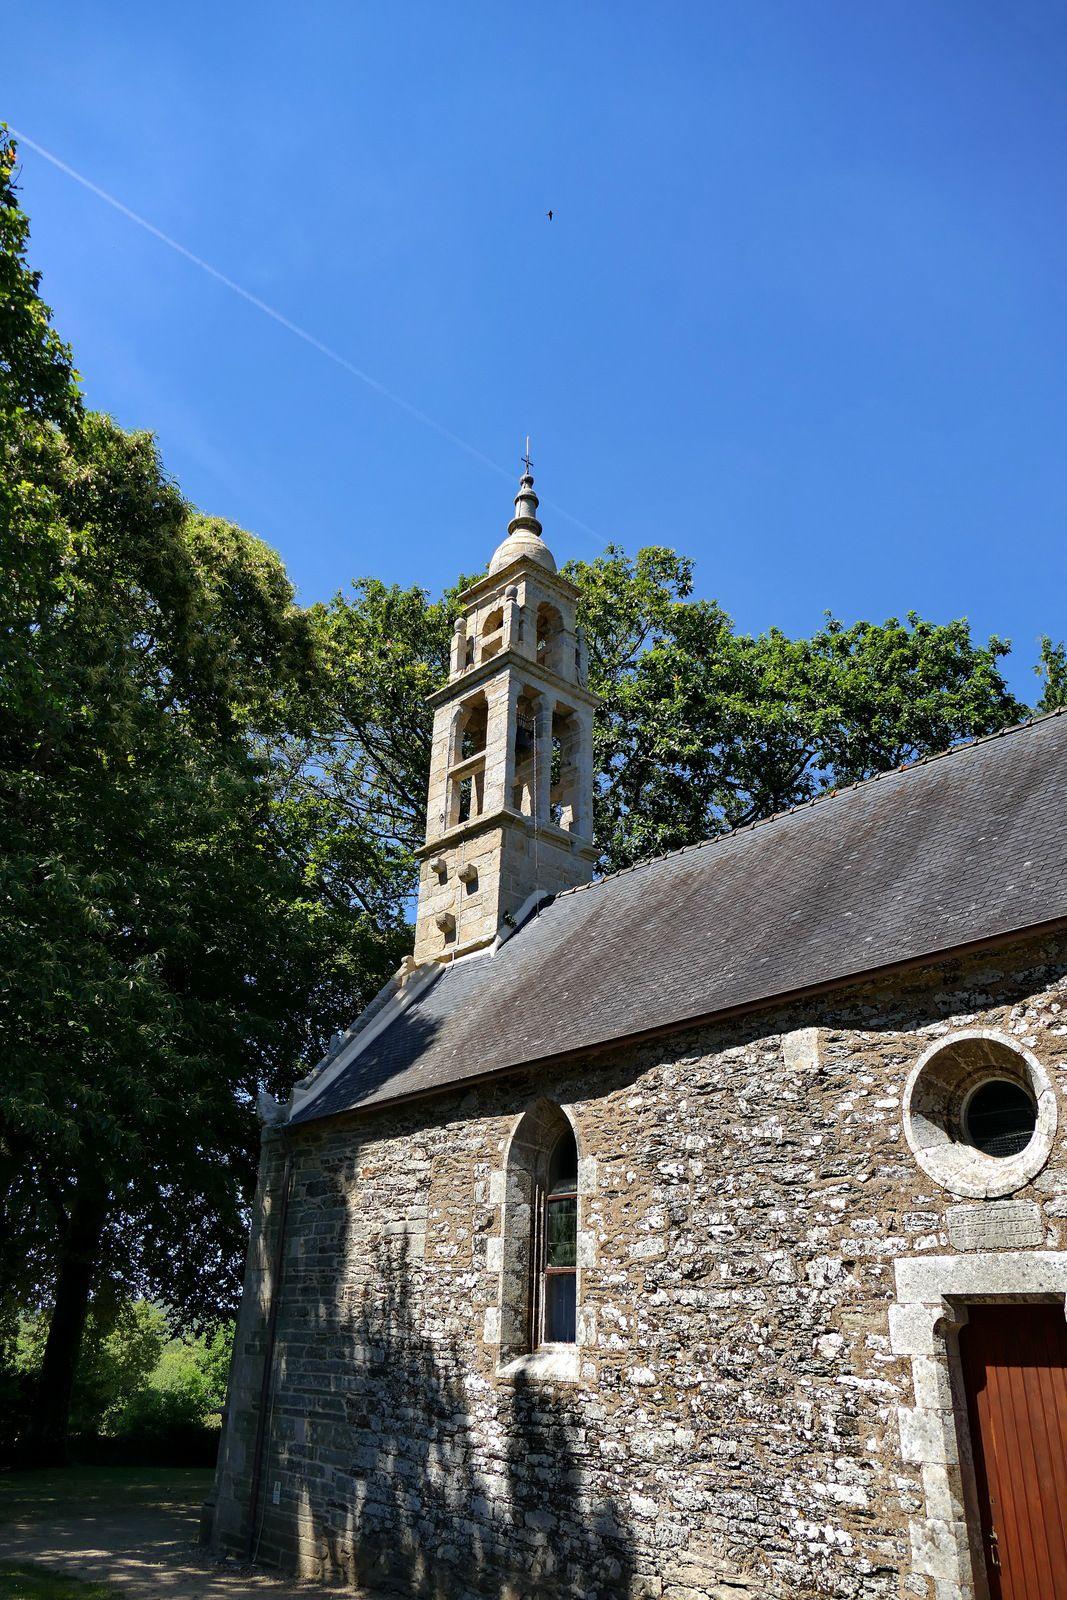 Clocher de la Chapelle Notre-Dame de Kerluan. Photo lavieb-aile.